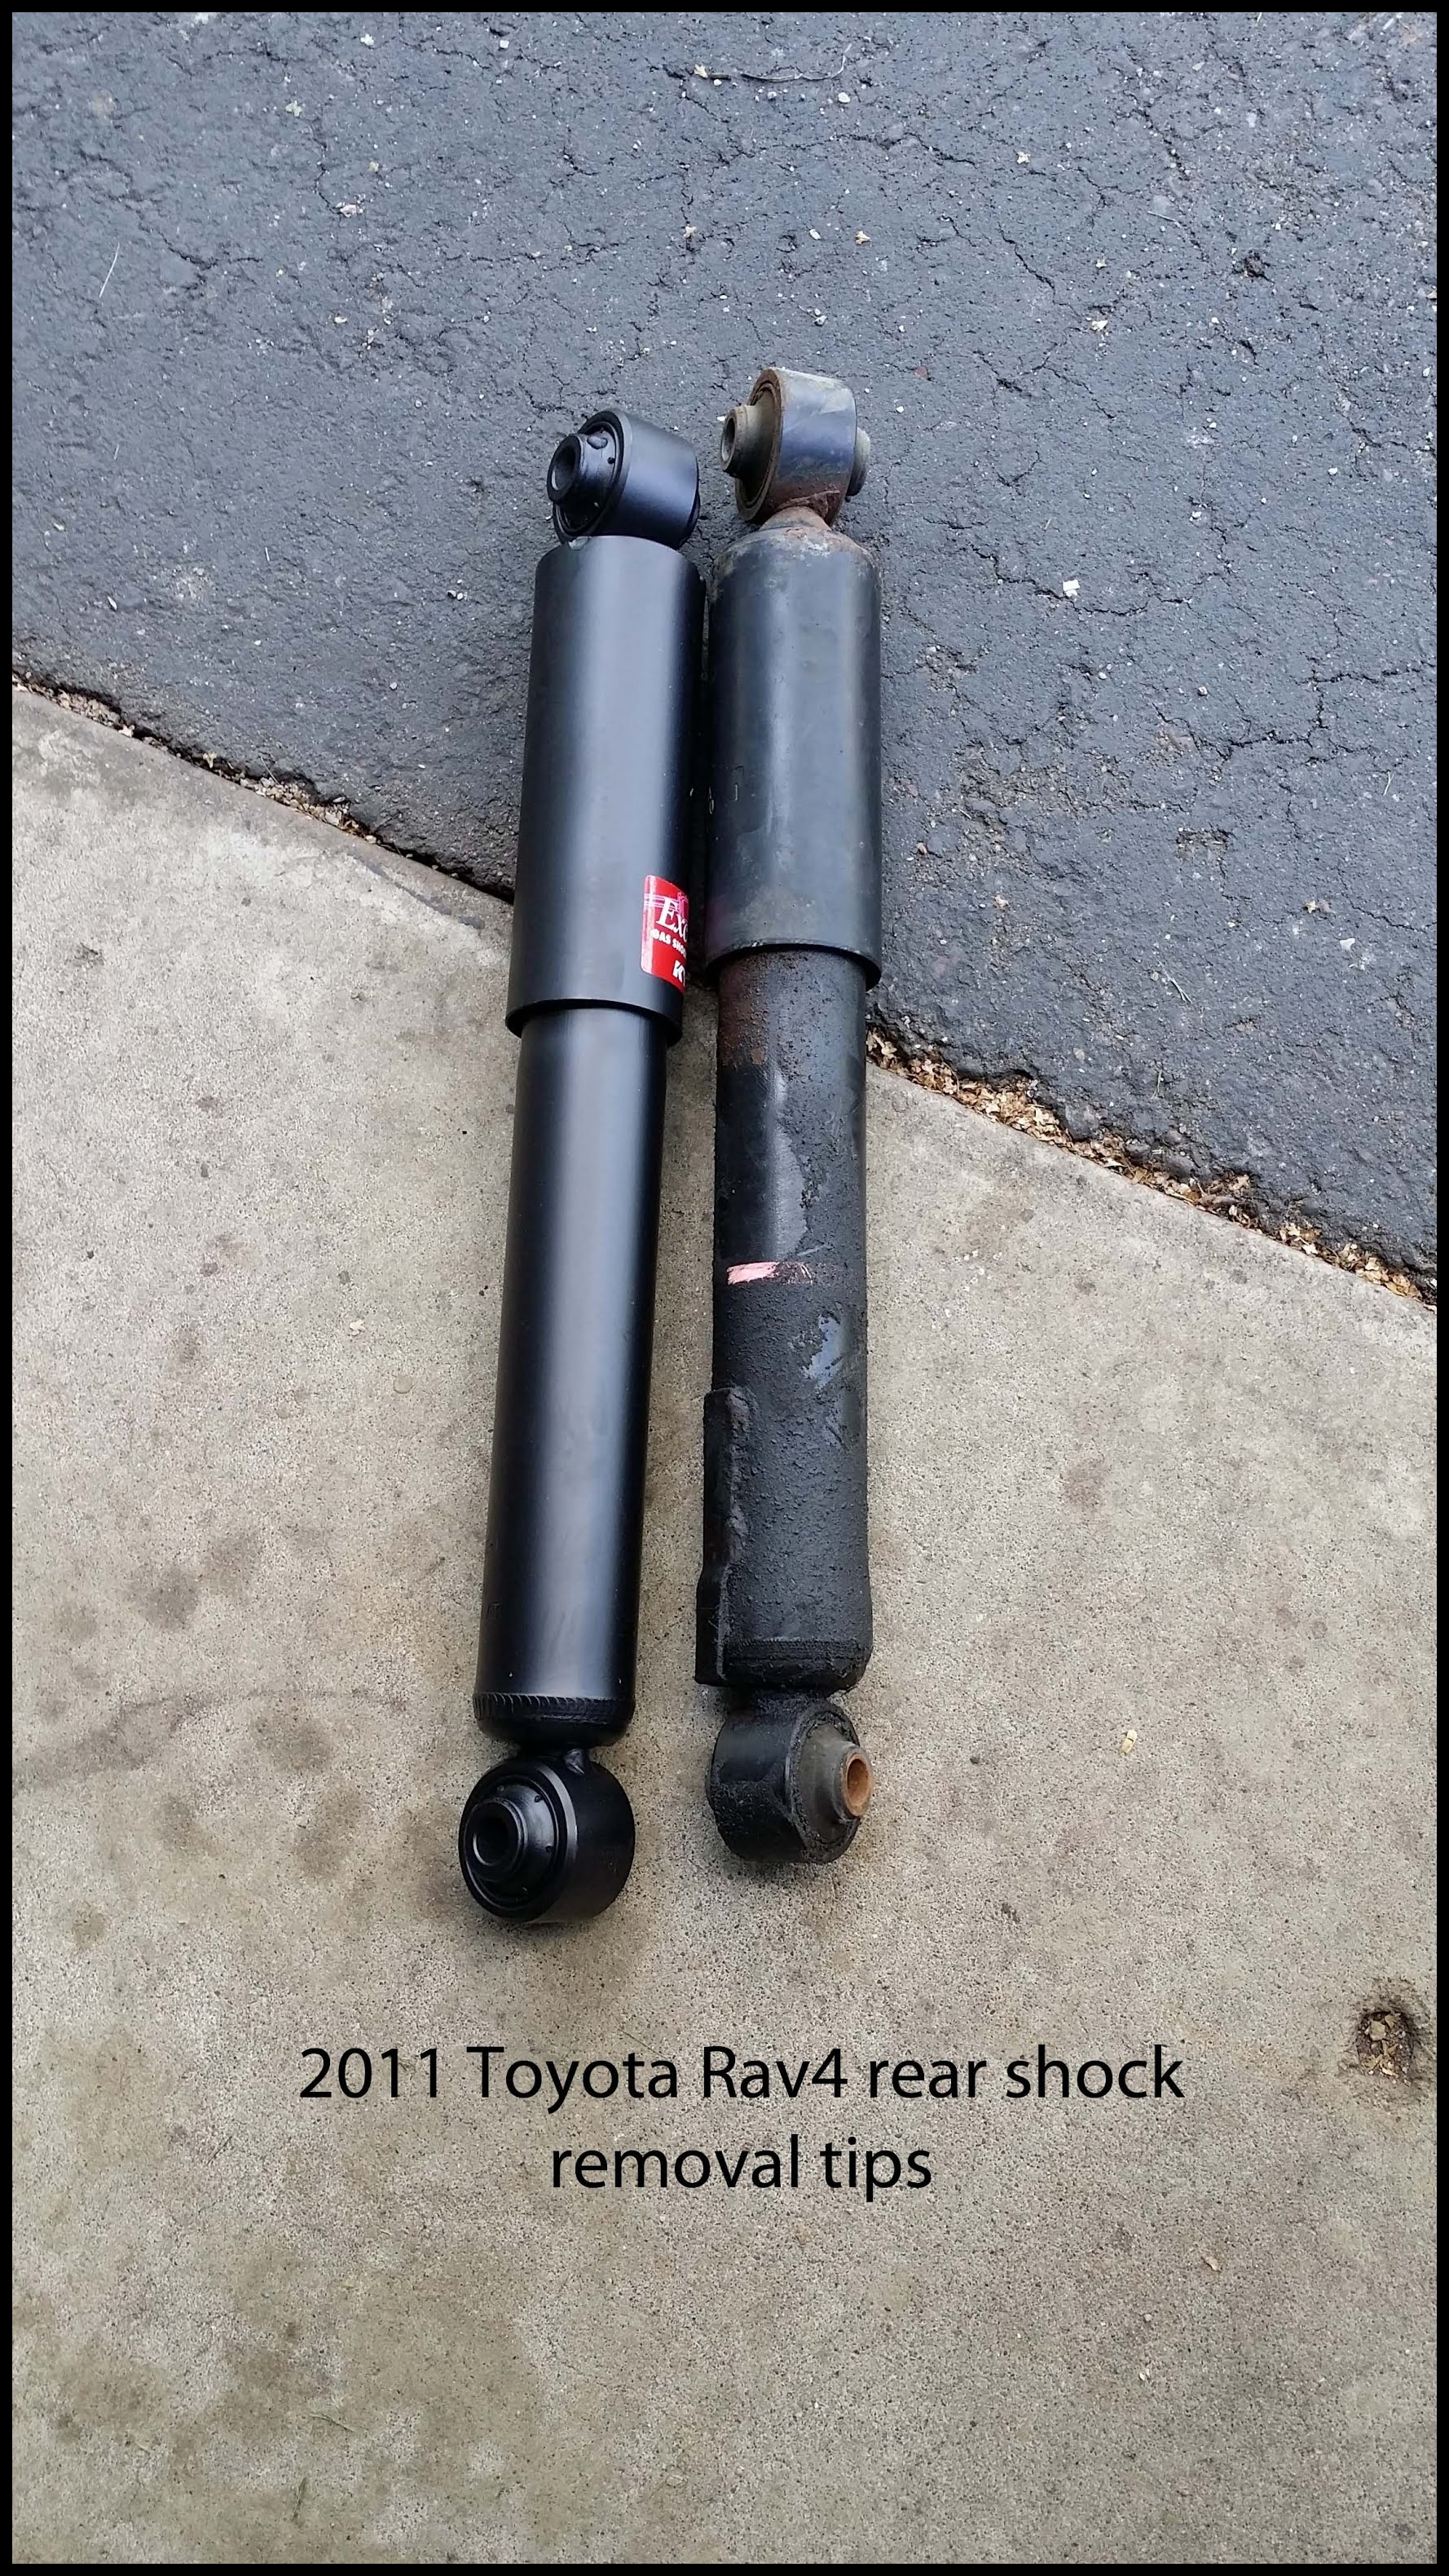 Tips 2011 Rav4 rear shock removal